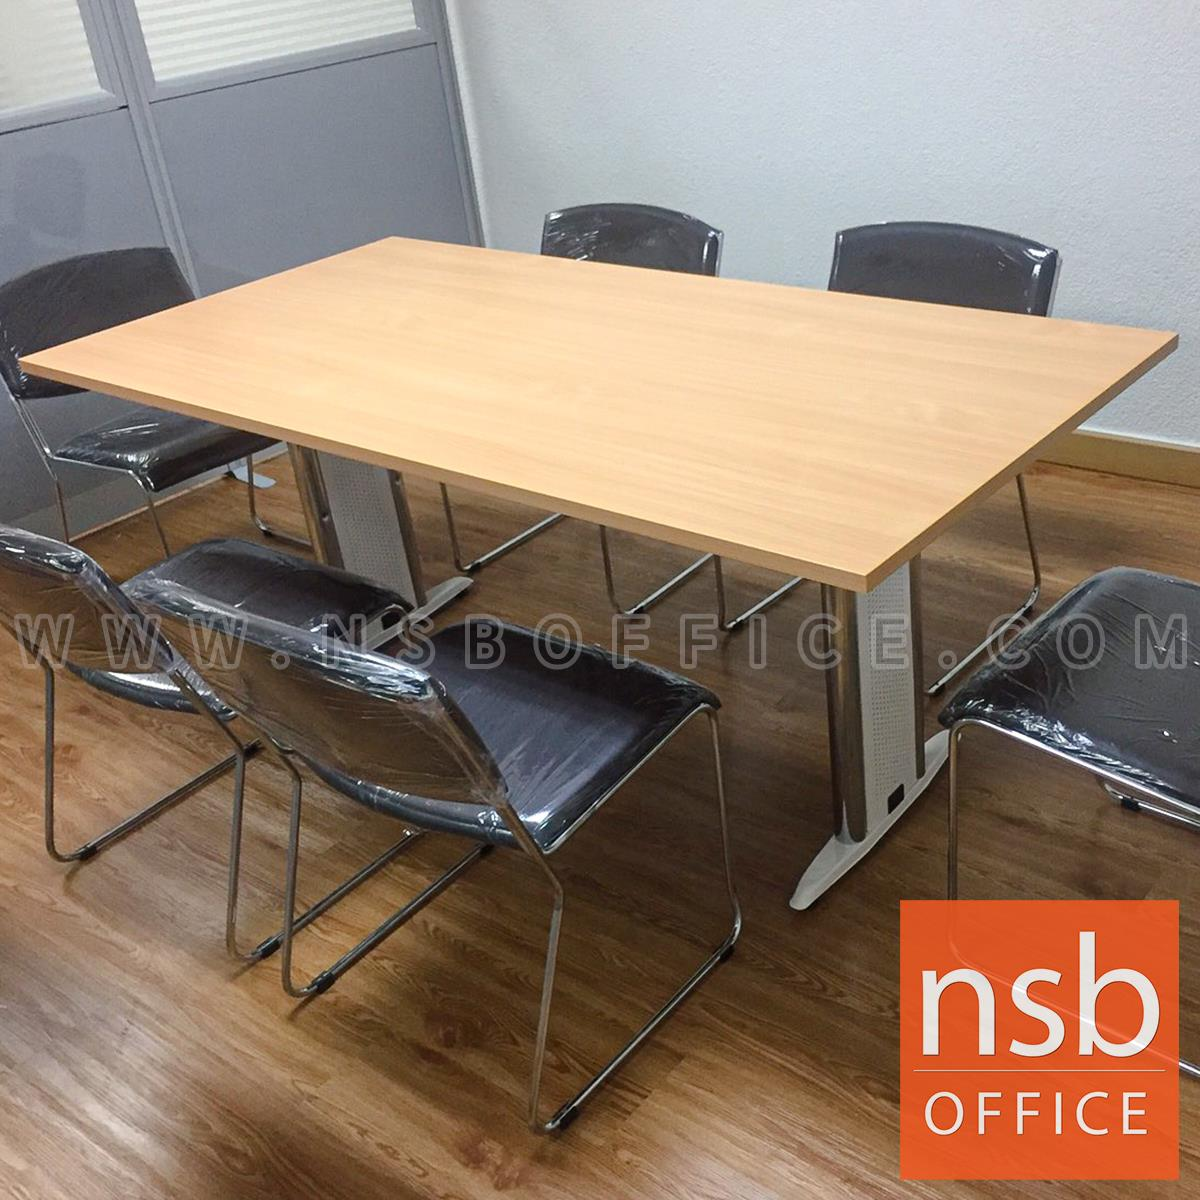 โต๊ะประชุมทรงสี่เหลี่ยม  6 ,8 ,10 ที่นั่ง ขนาด 180W ,200W ,240W cm. ขาเหล็กตัวไอ (ราคาไม่รวมเก้าอี้)